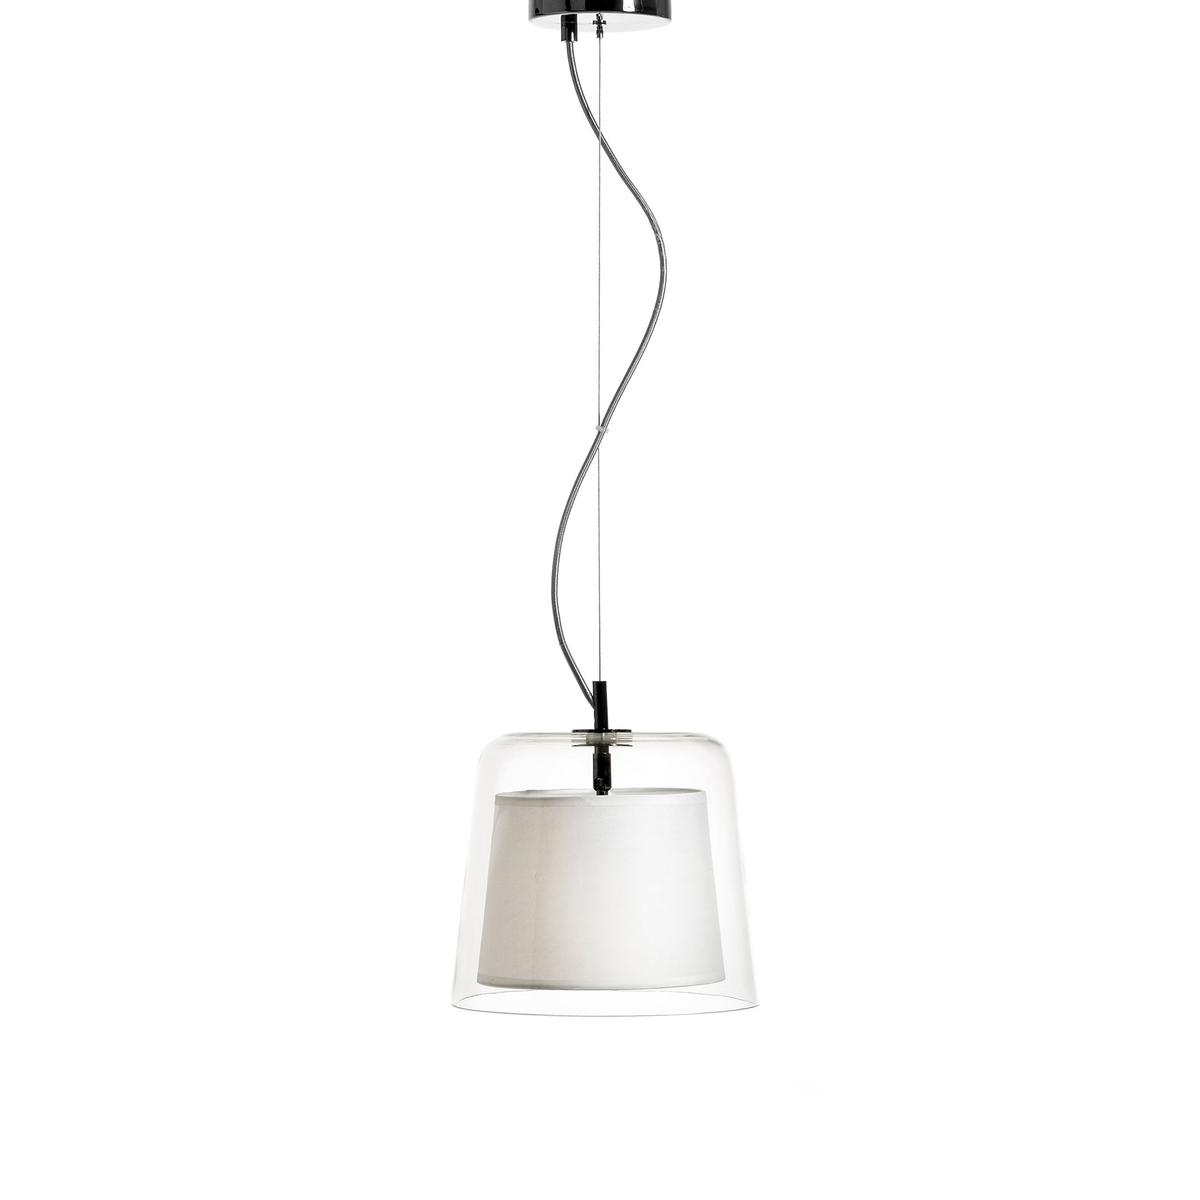 Светильник Duo дизайн Э. Галлины, большая модель от La Redoute